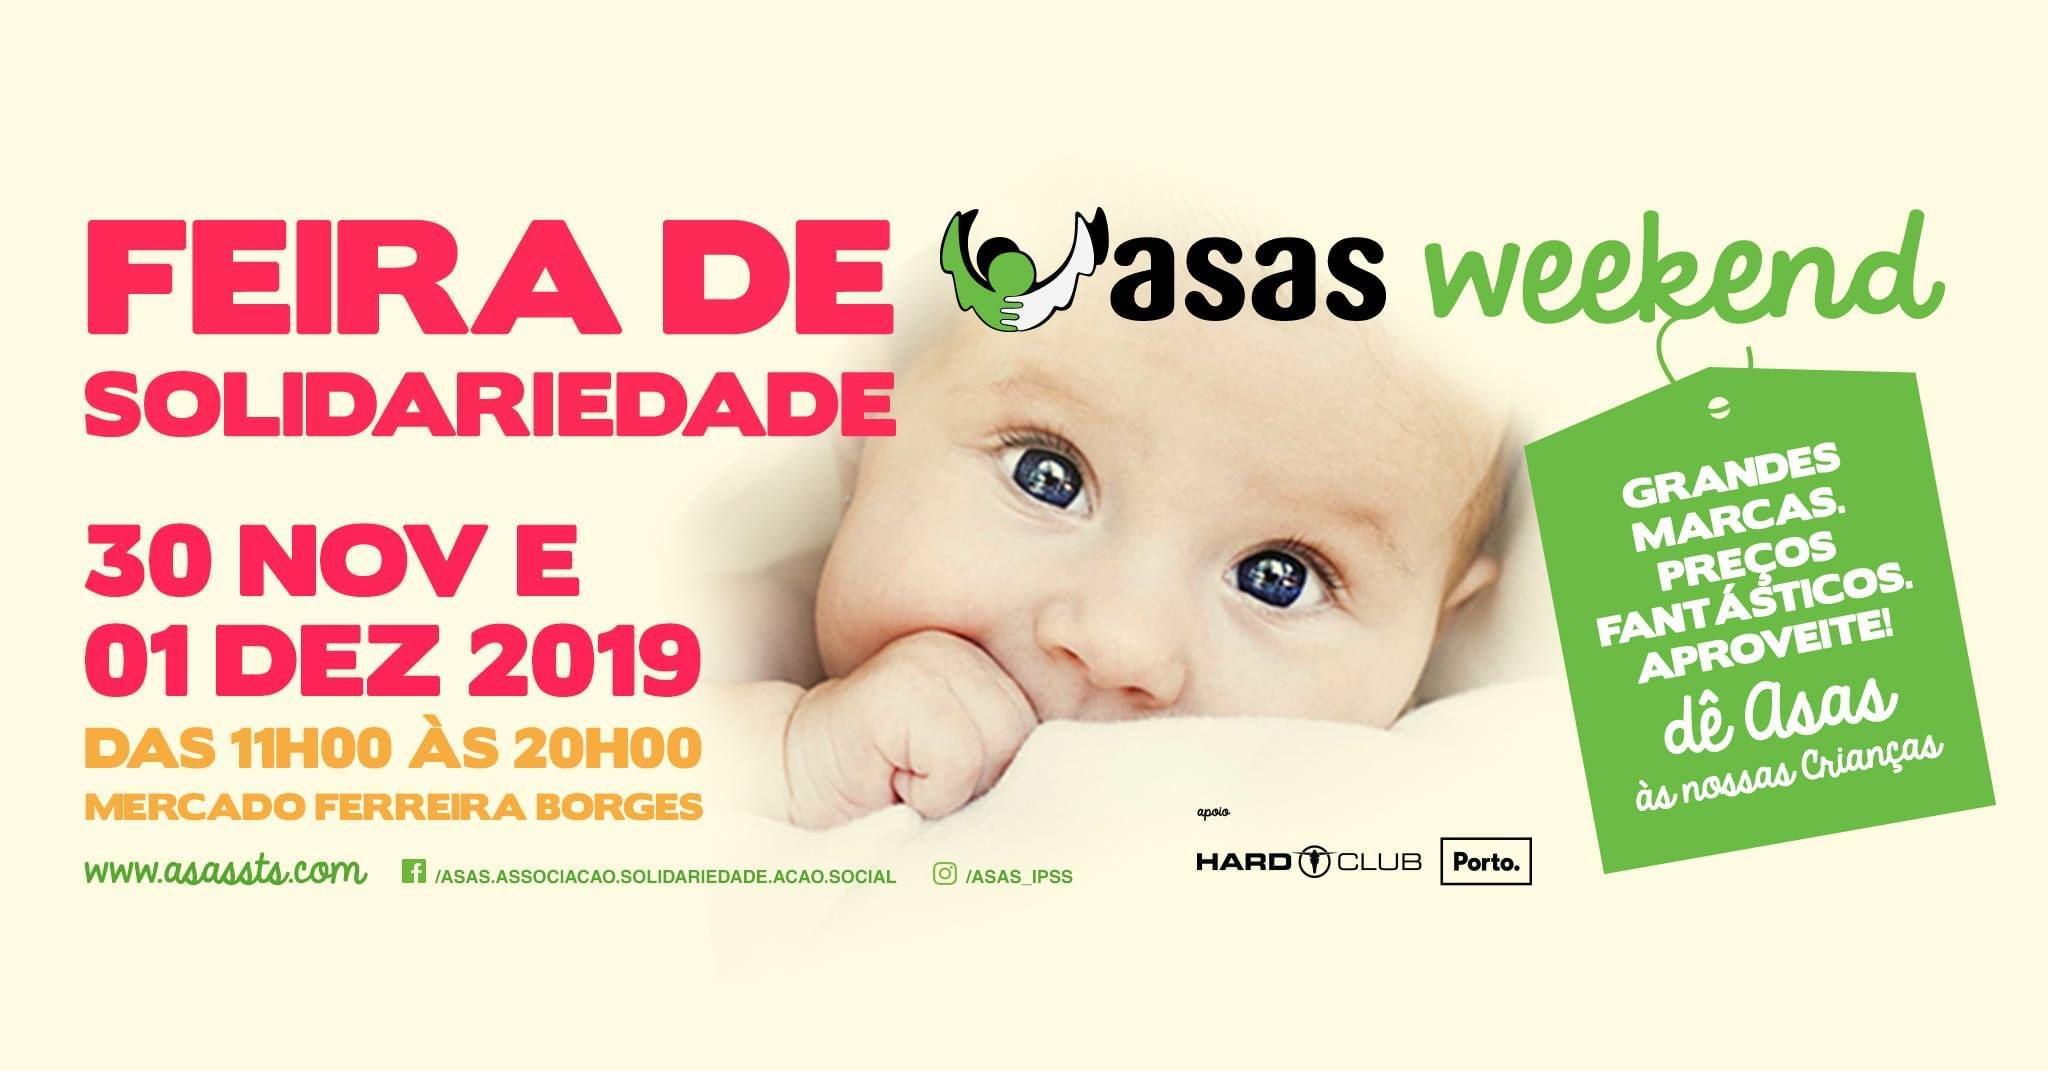 ASAS WEEKEND: feira de solidariedade chega ao Porto